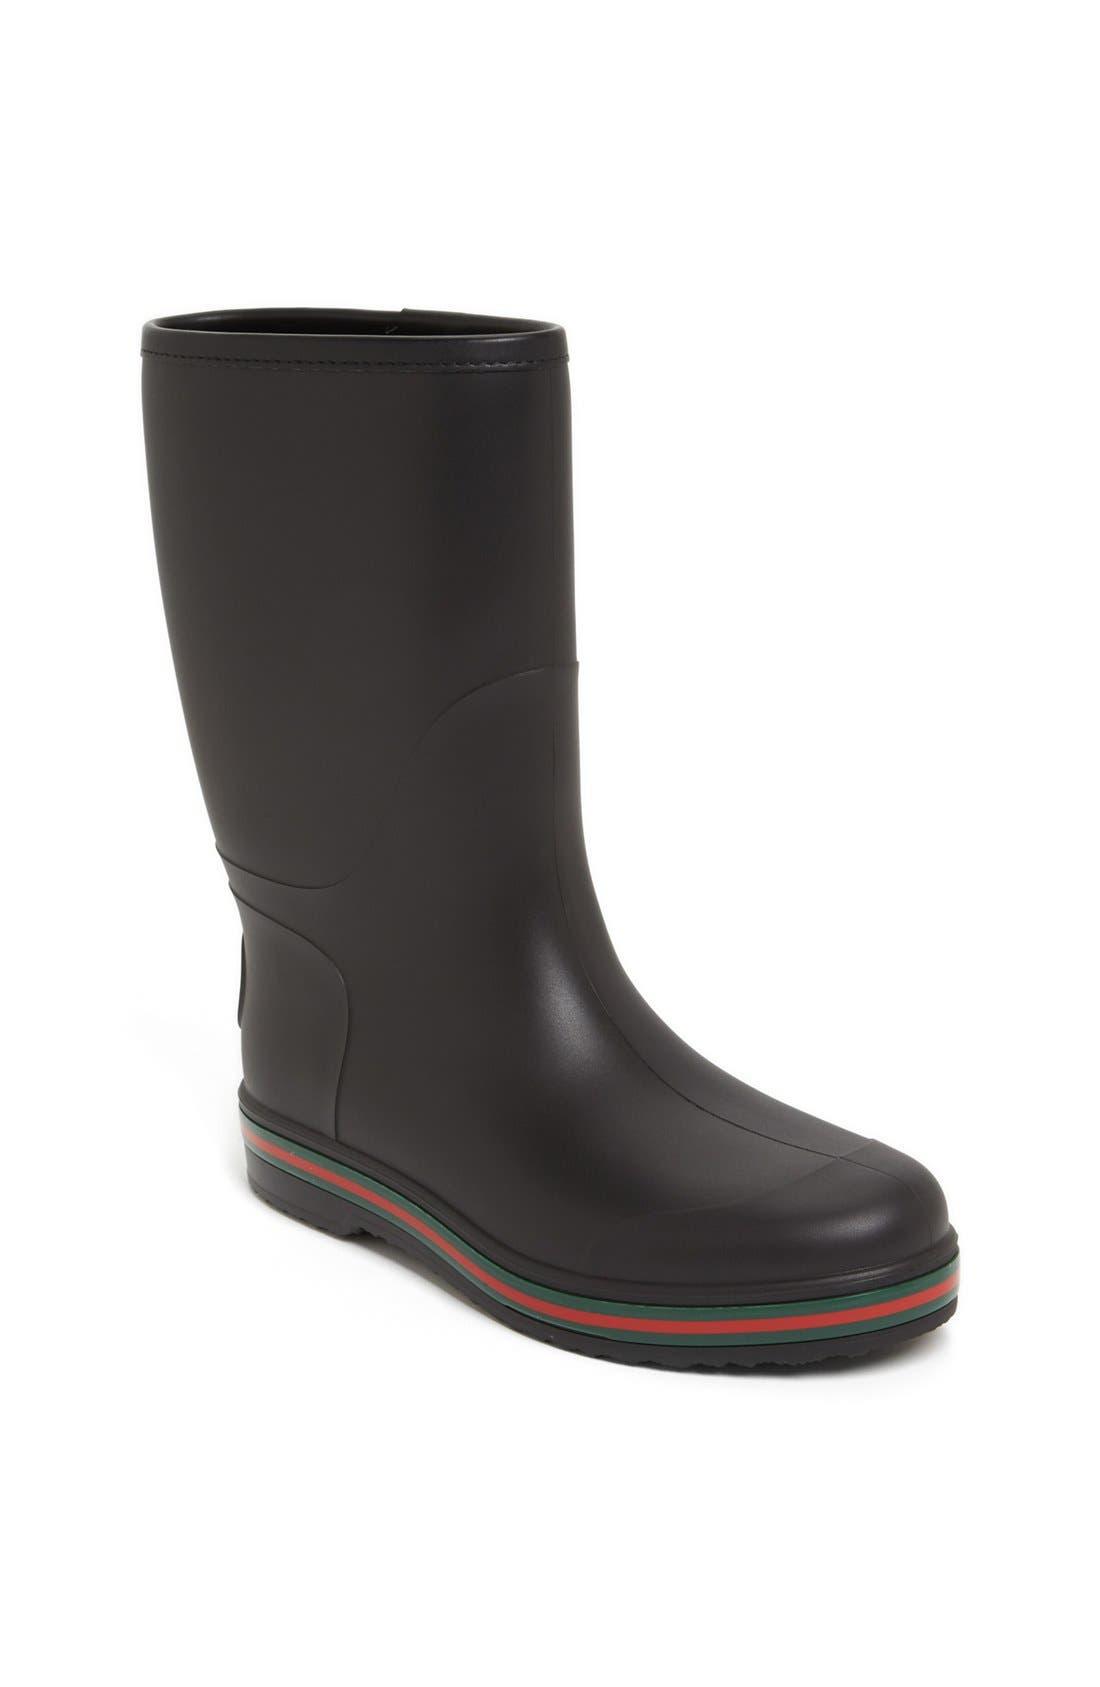 Main Image - Gucci 'Brest' Rain Boot